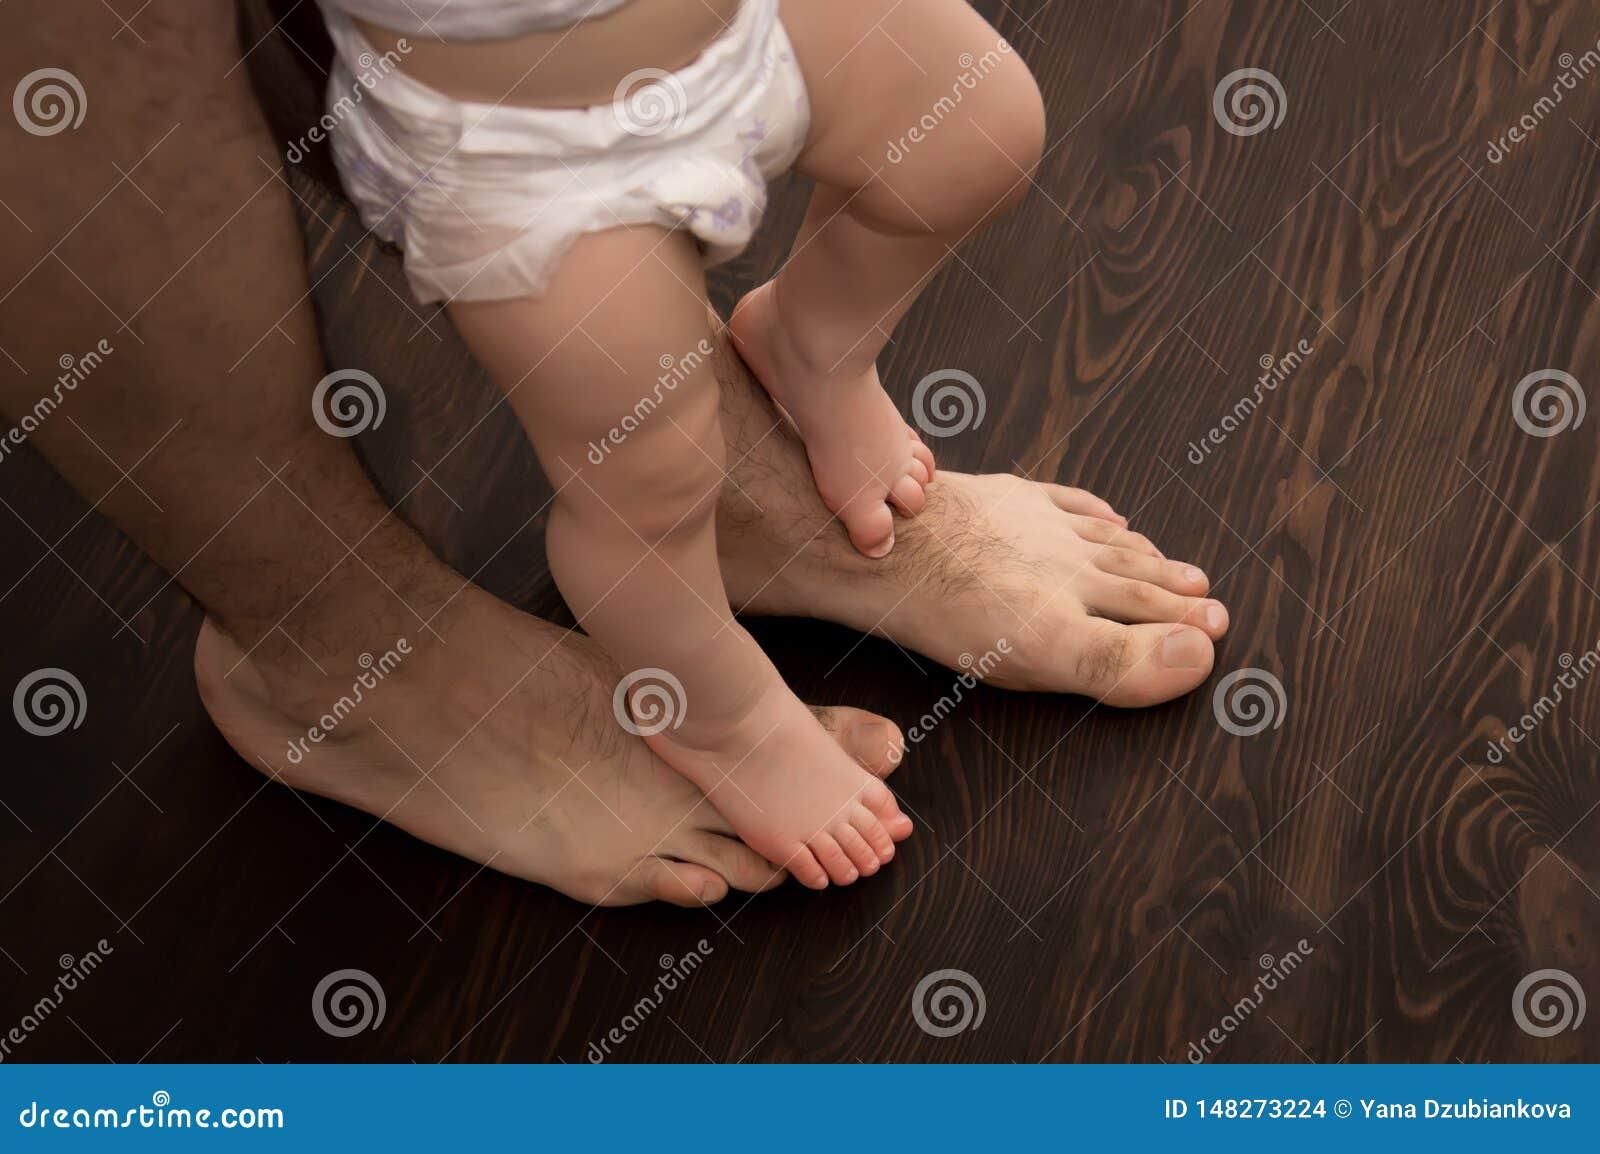 孩子迈出第一步 具有小婴儿腿的大公腿 爸爸帮孩子迈出第一步